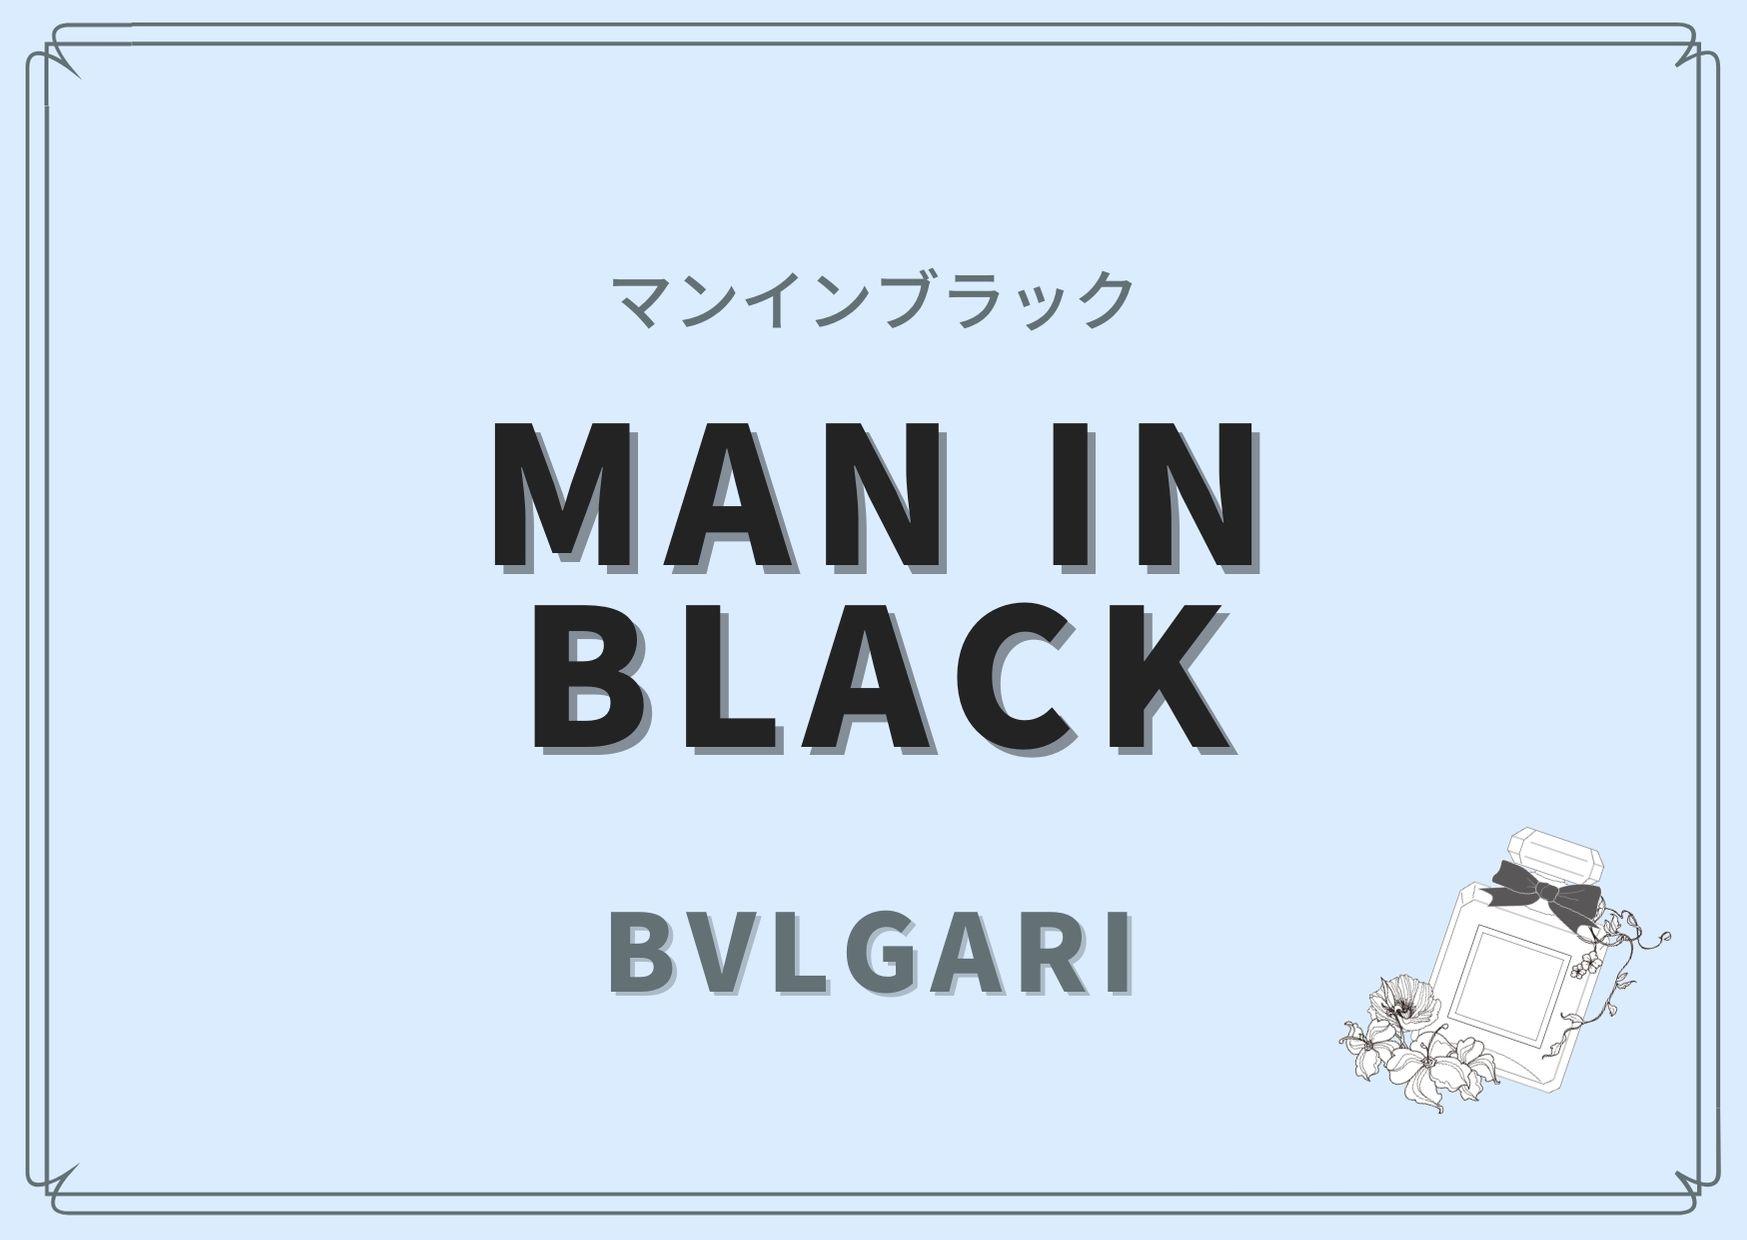 Man in Black(マンインブラック)/ BVLGARI(ブルガリ)